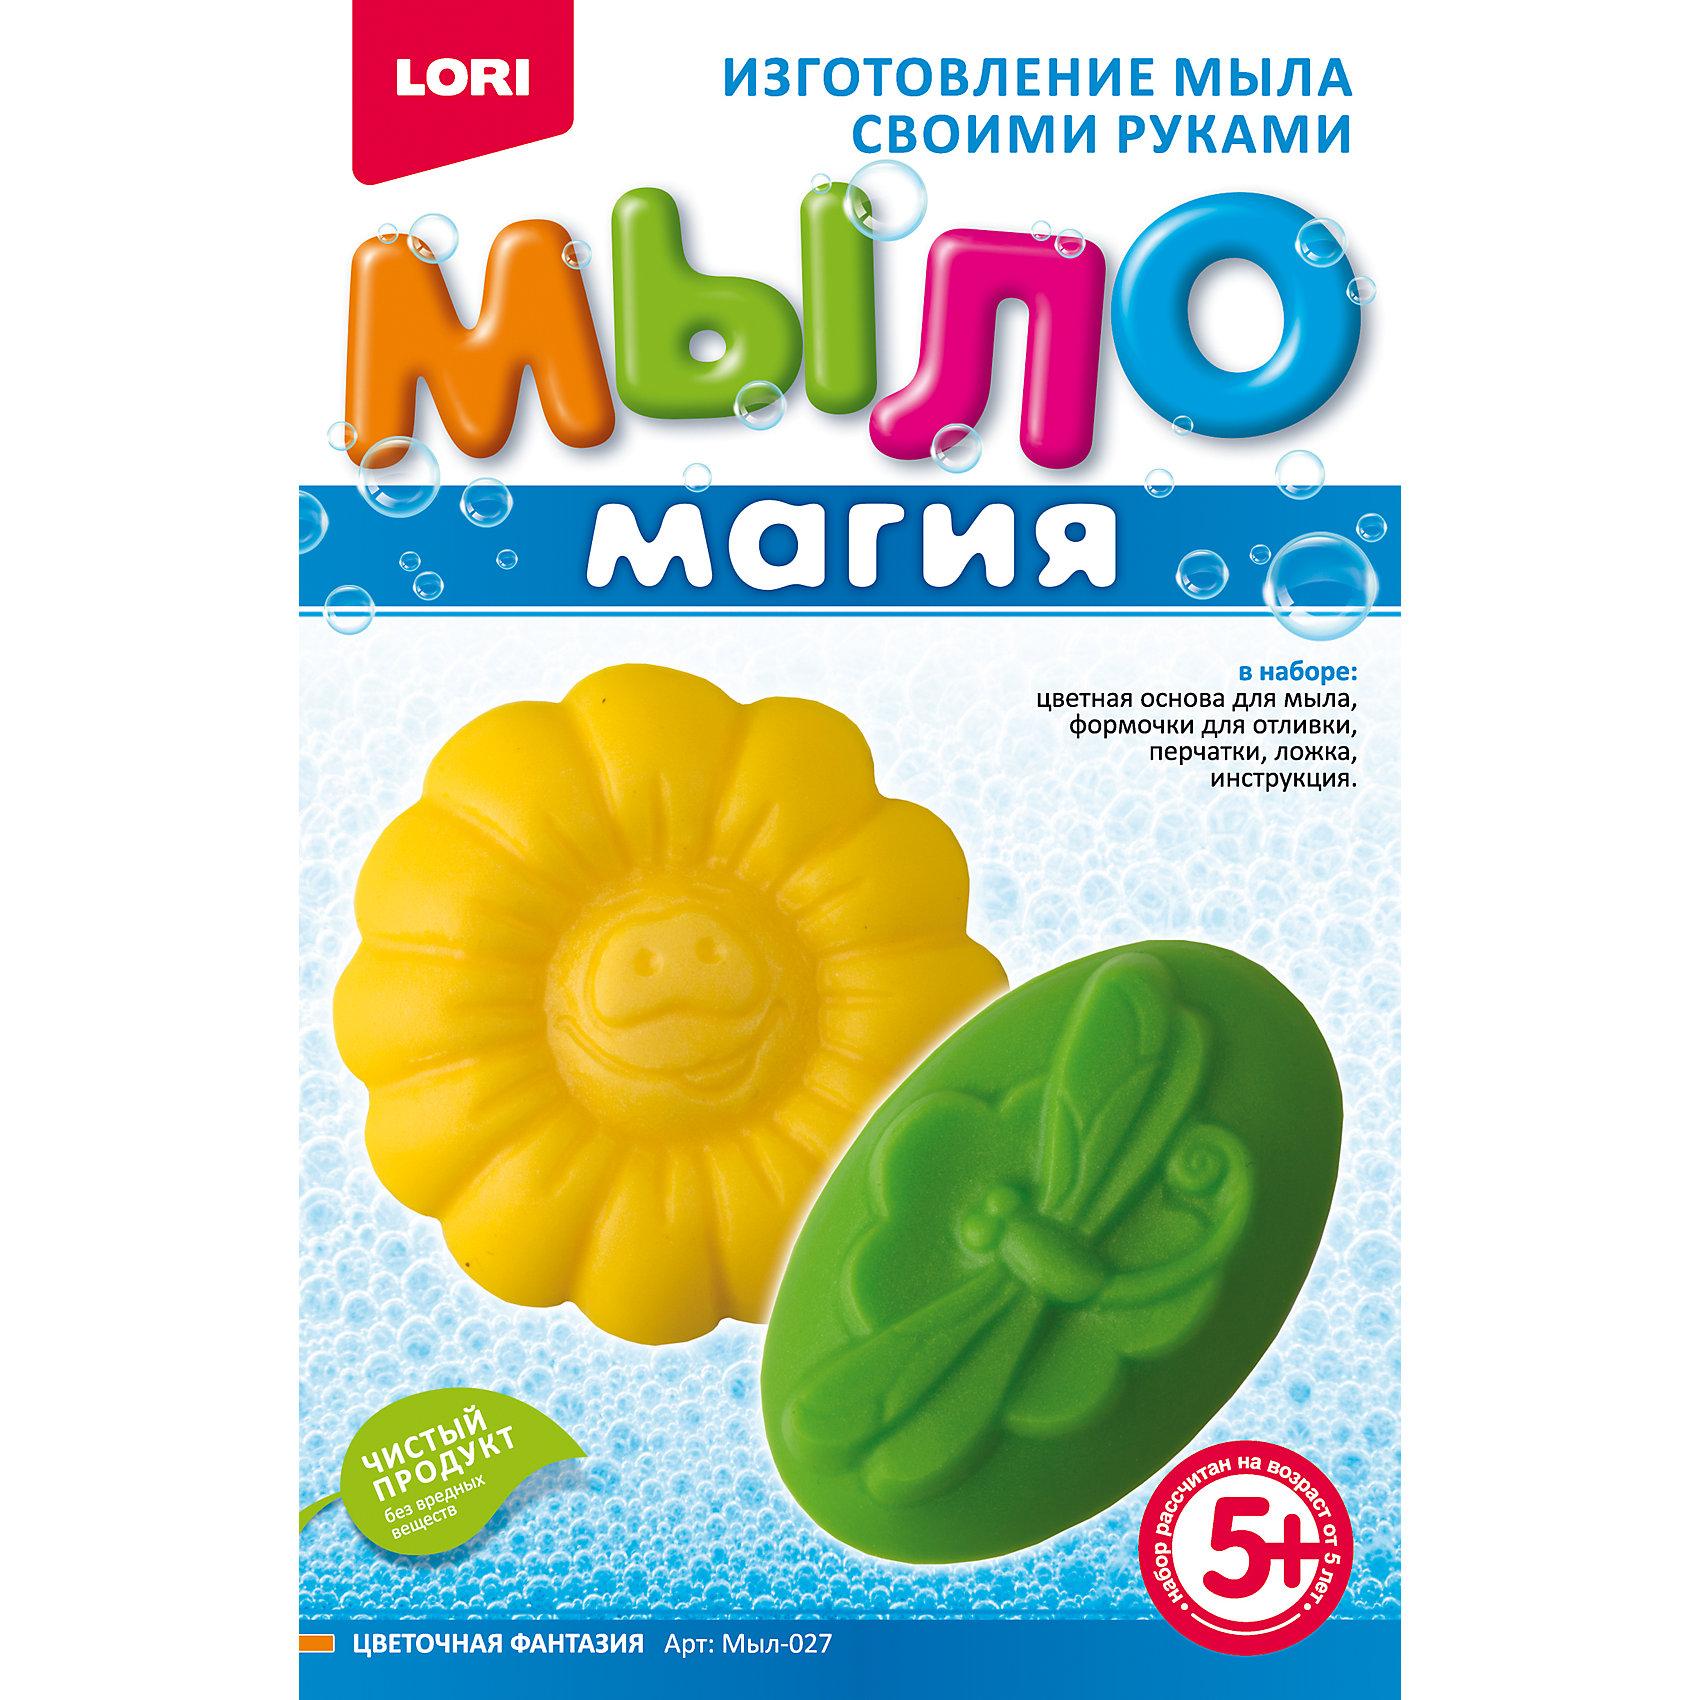 МылоМагия Цветочная фантазияХарактеристики товара:<br><br>• цвет: разноцветный<br>• размер упаковки: 20х14х4 см<br>• вес: 160 г<br>• комплектация: основа для мыла, емкость для растапливания, 2 формы для заливки мыльного раствора, пищевой краситель, пипетка, перчатки, ложка инструкция<br>• возраст: от пяти лет<br>• страна бренда: РФ<br>• страна изготовитель: РФ<br><br>Этот набор для творчества станет отличным подарком ребенку - ведь с помощью него можно получить красивое мыло! В набор входит основа для мыла, емкость для растапливания, 2 формы для заливки мыльного раствора, пищевой краситель, пипетка, перчатки, ложка инструкция. Чтобы получить мыло, ребенку нужно следовать указаниям инструкции. В итоге получается полезная вещь или подарок родным.<br>Детям очень нравится что-то делать своими руками! Кроме того, творчество помогает детям развивать важные навыки и способности, оно активизирует мышление, формирует усидчивость, творческие способности, мелкую моторику и воображение. Изделие производится из качественных и проверенных материалов, которые безопасны для детей.<br><br>Набор МылоМагия Цветочная фантазия от бренда LORI можно купить в нашем интернет-магазине.<br><br>Ширина мм: 208<br>Глубина мм: 135<br>Высота мм: 40<br>Вес г: 163<br>Возраст от месяцев: 60<br>Возраст до месяцев: 108<br>Пол: Женский<br>Возраст: Детский<br>SKU: 5154890